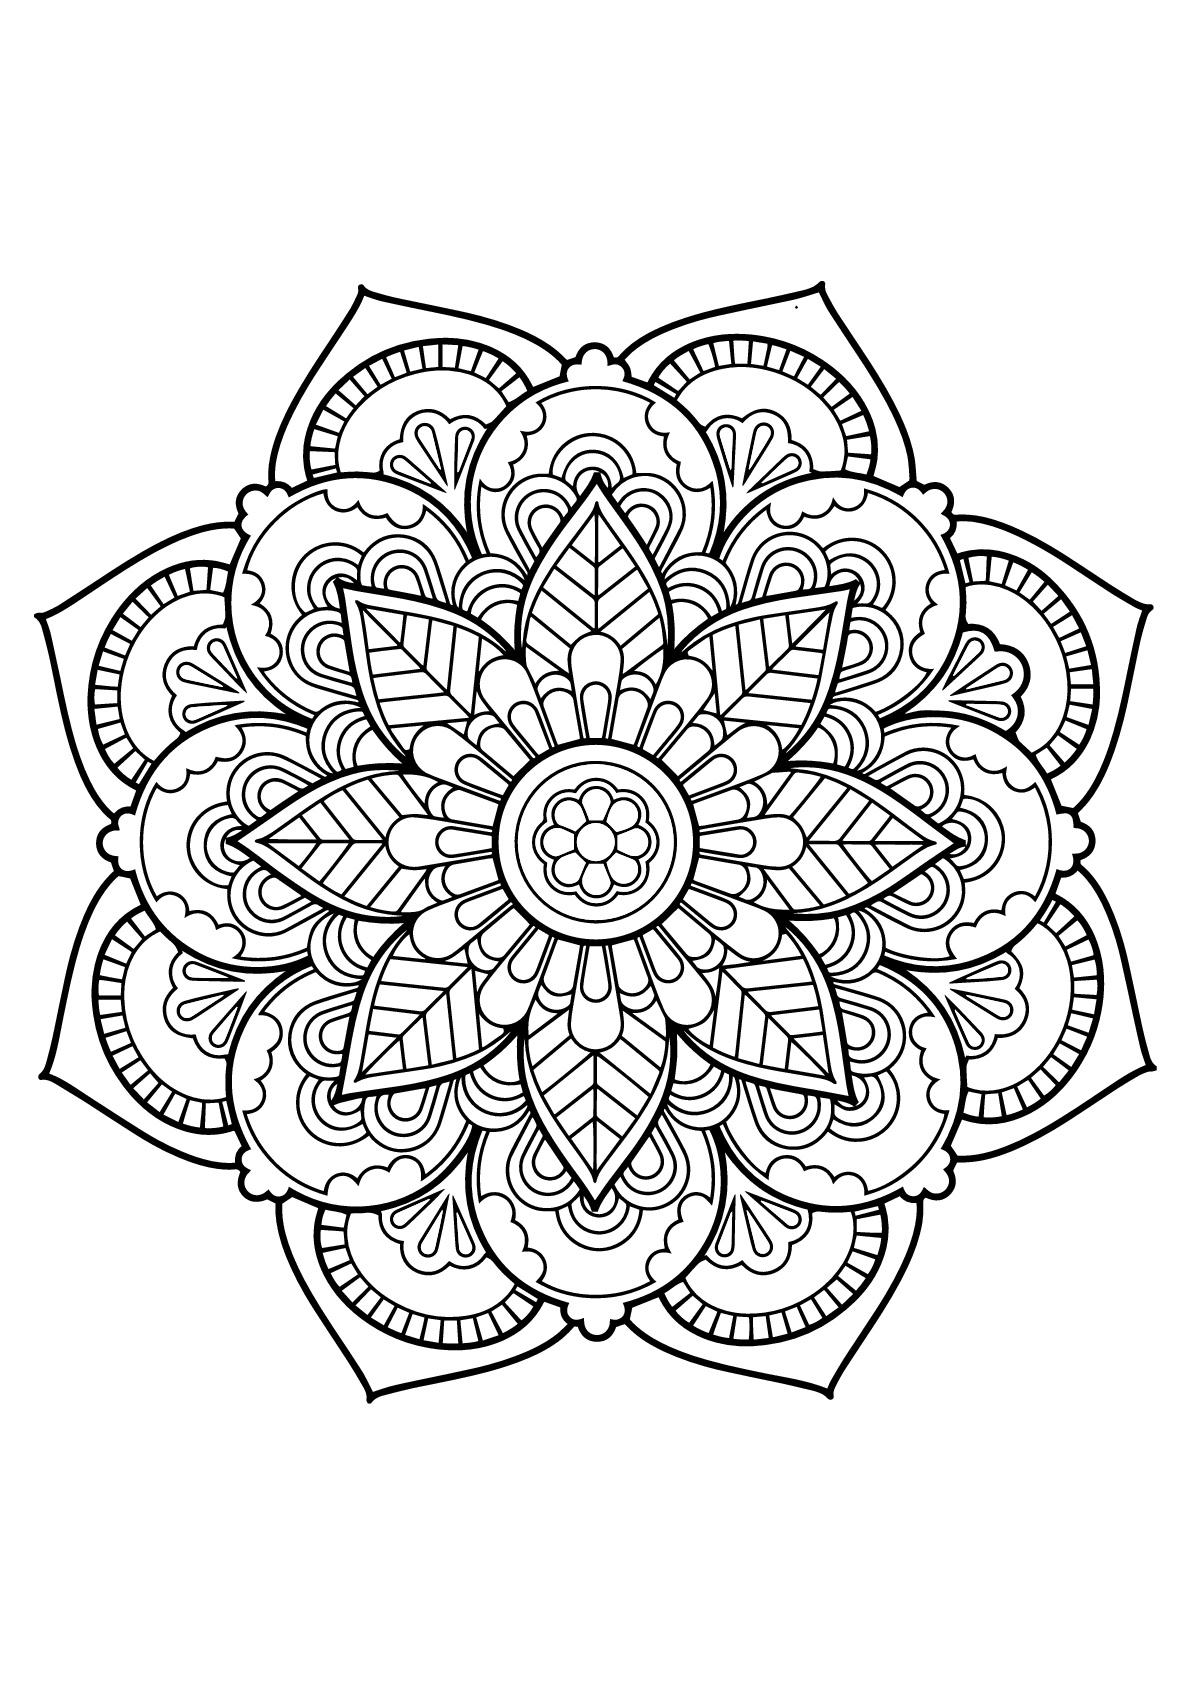 Mandala Livre Gratuit 22 - Mandalas - Coloriages Difficiles intérieur Mandala À Colorier Et À Imprimer Gratuit